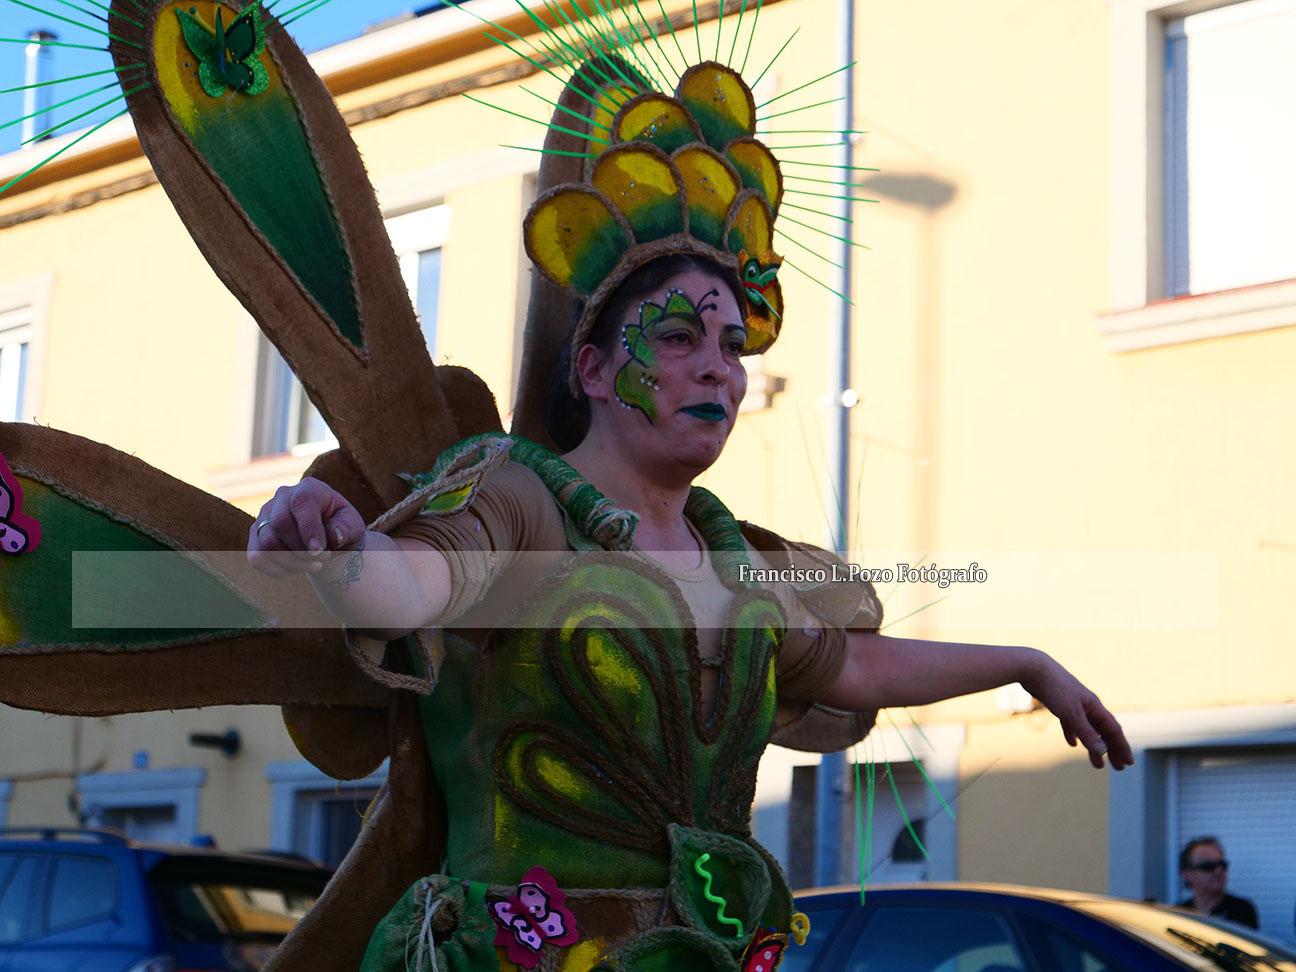 Carnaval 2020: Camponaraya sale a la calle a ritmo de comparsa 92